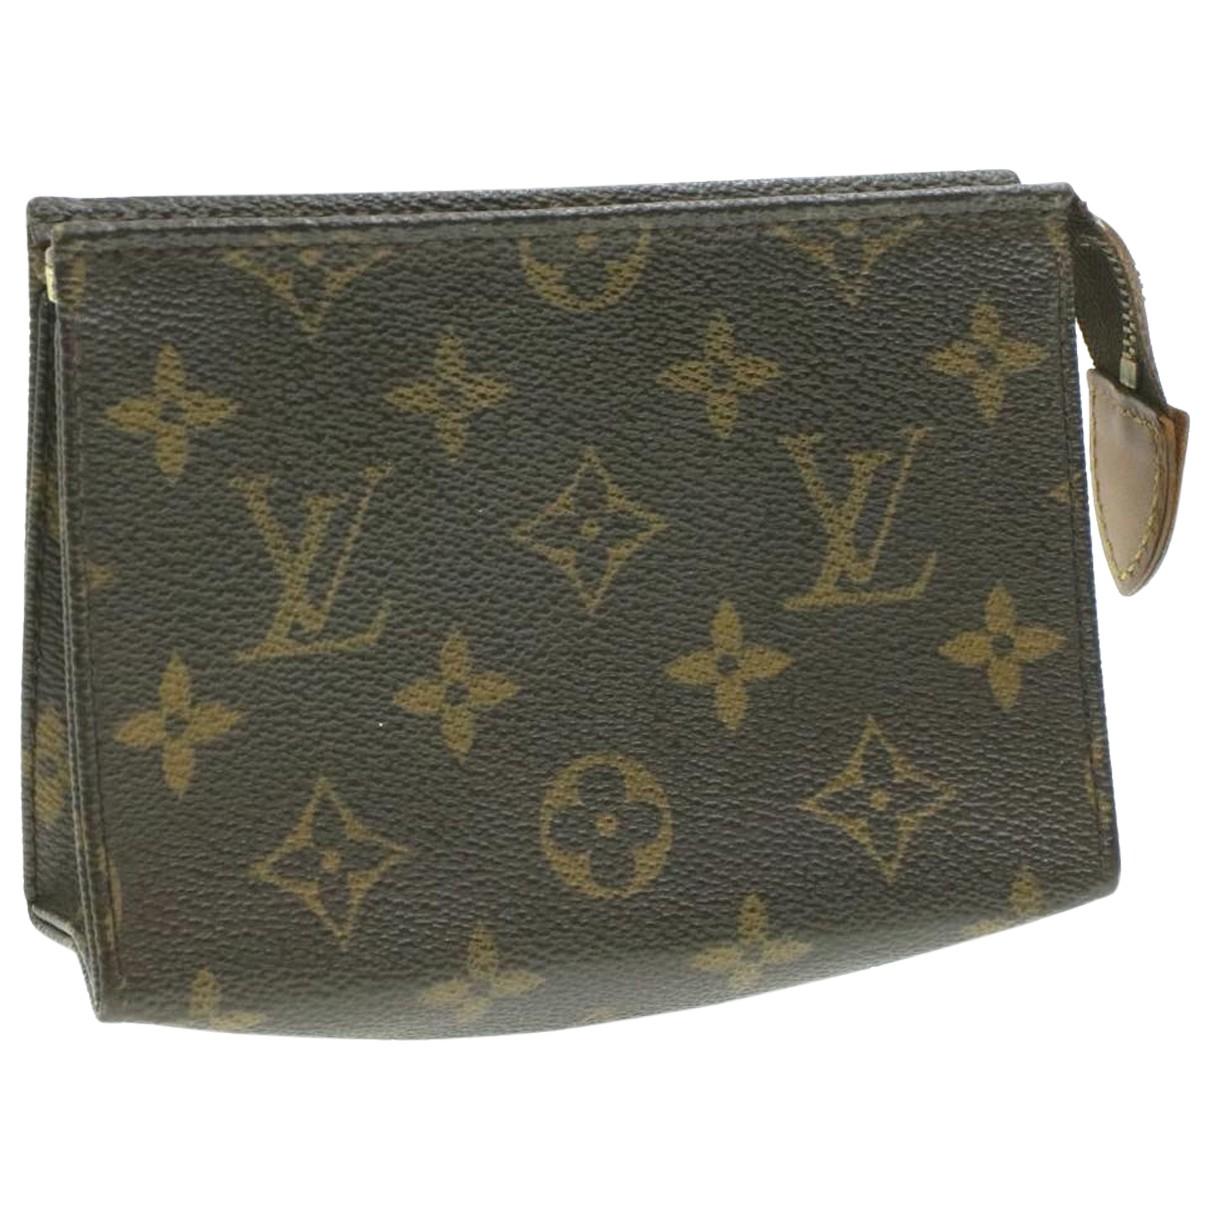 Louis Vuitton N Brown Cloth Travel bag for Women N